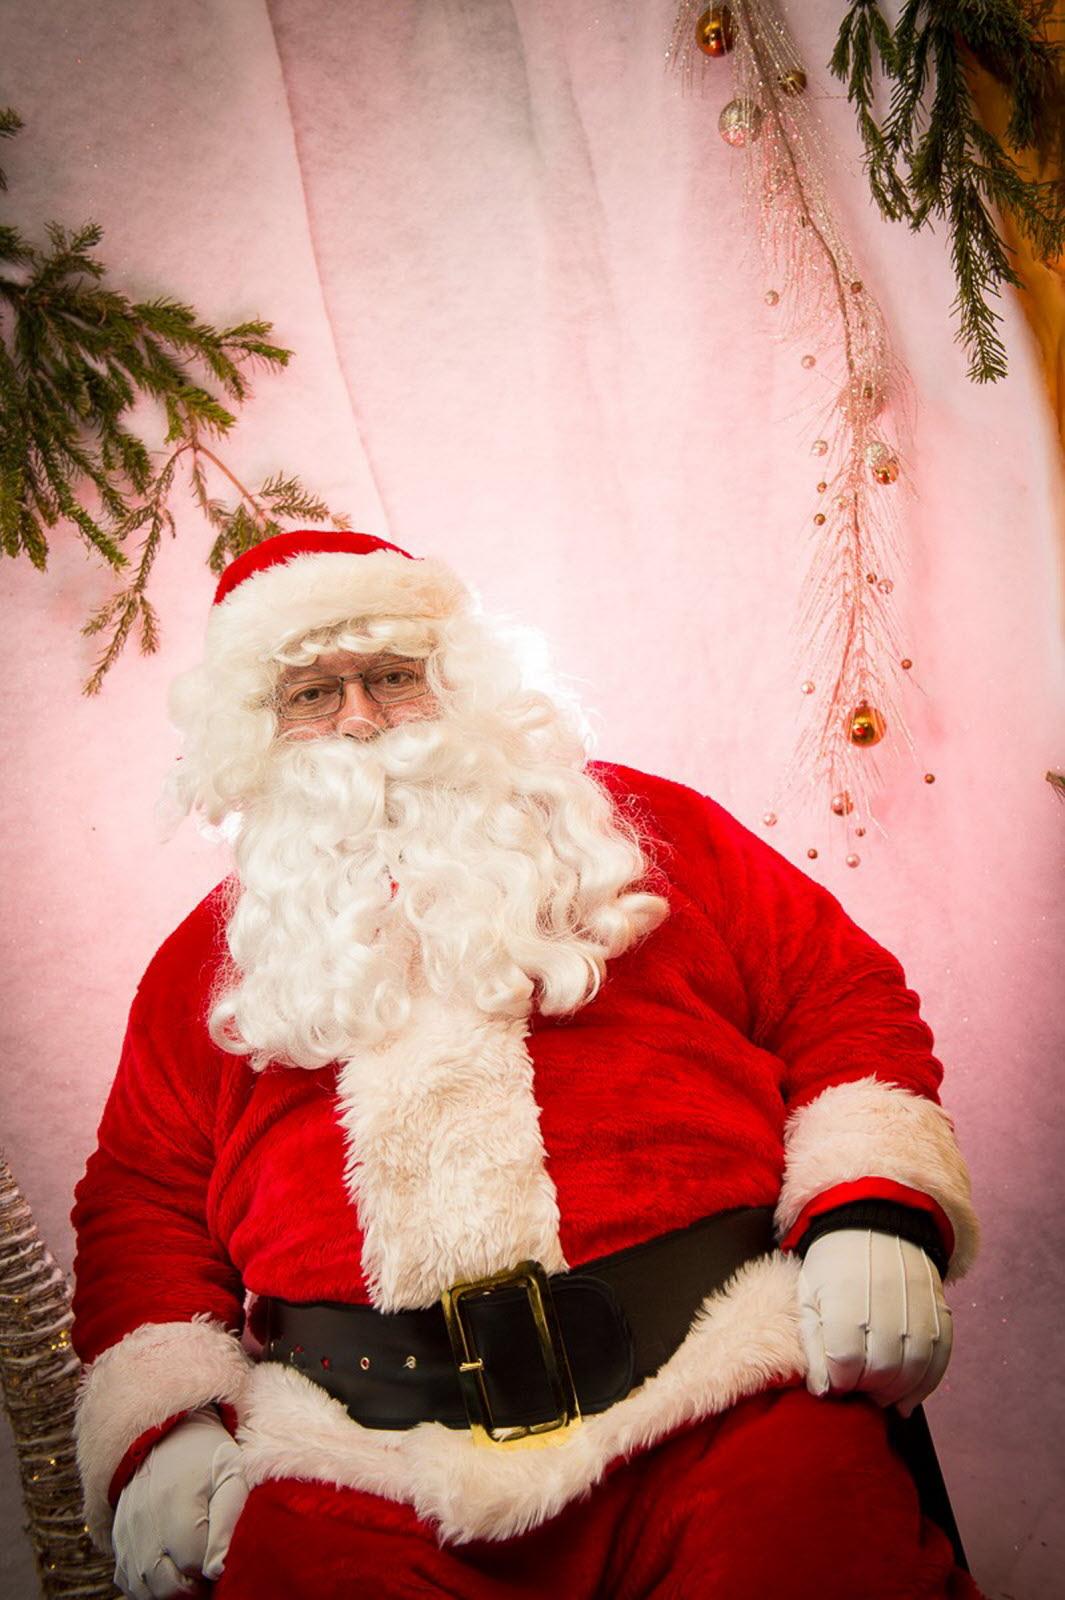 Un Père Noel Pas Comme Les Autres : père, comme, autres, Pont-à-Mousson, Portrait., Père, Noël, Comme, Autres